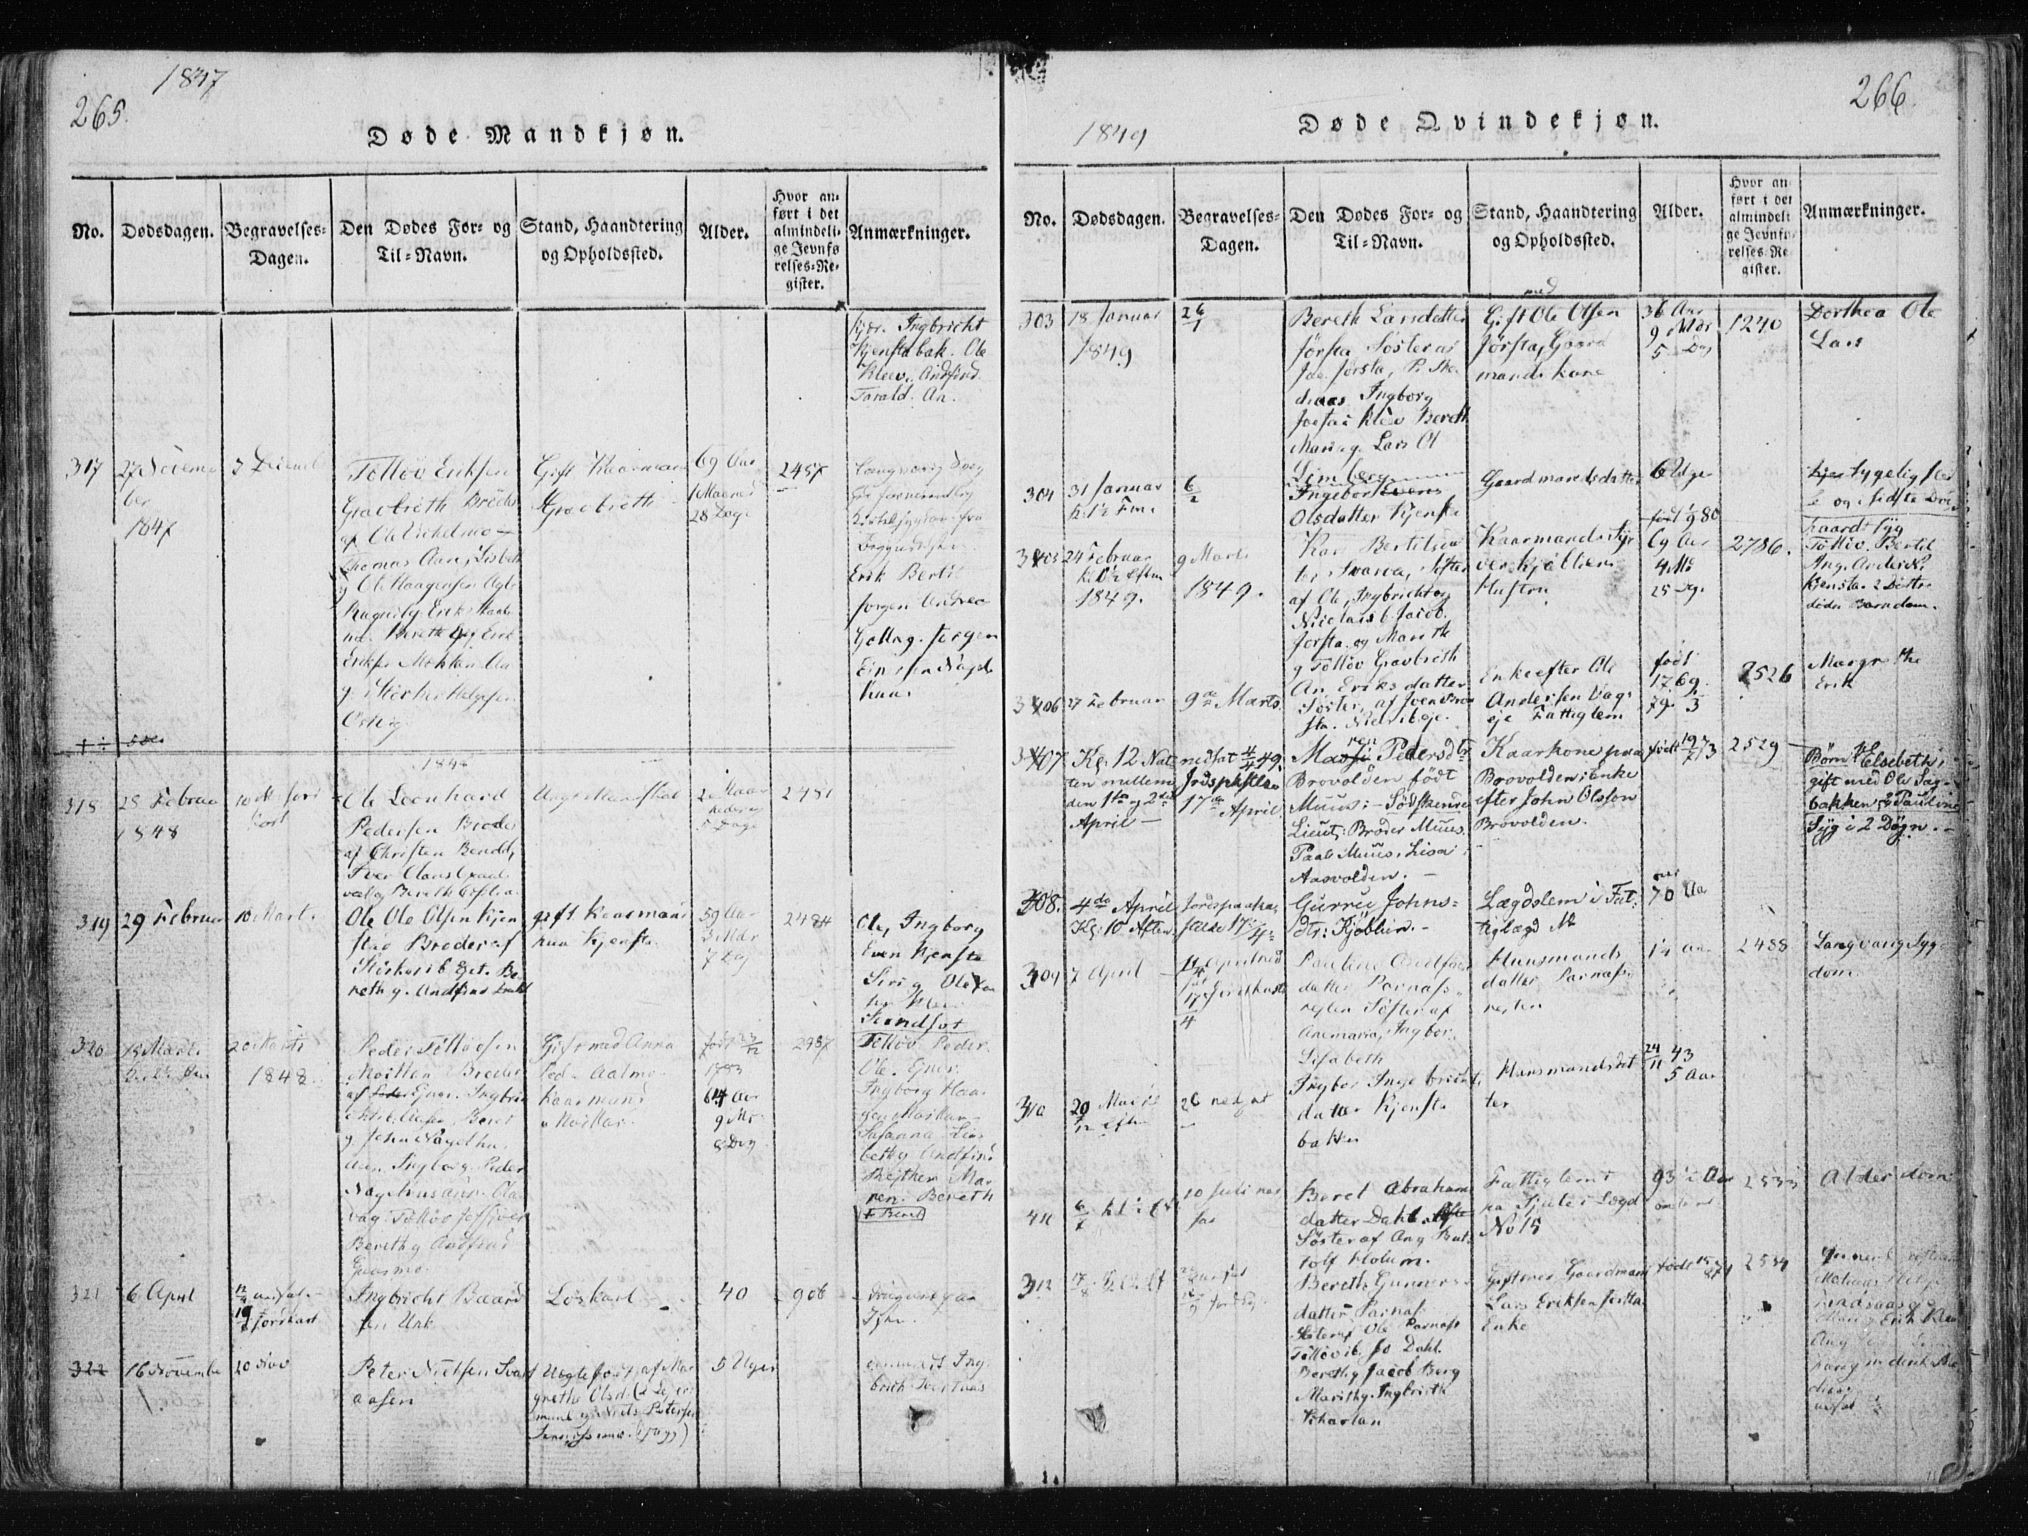 SAT, Ministerialprotokoller, klokkerbøker og fødselsregistre - Nord-Trøndelag, 749/L0469: Ministerialbok nr. 749A03, 1817-1857, s. 265-266